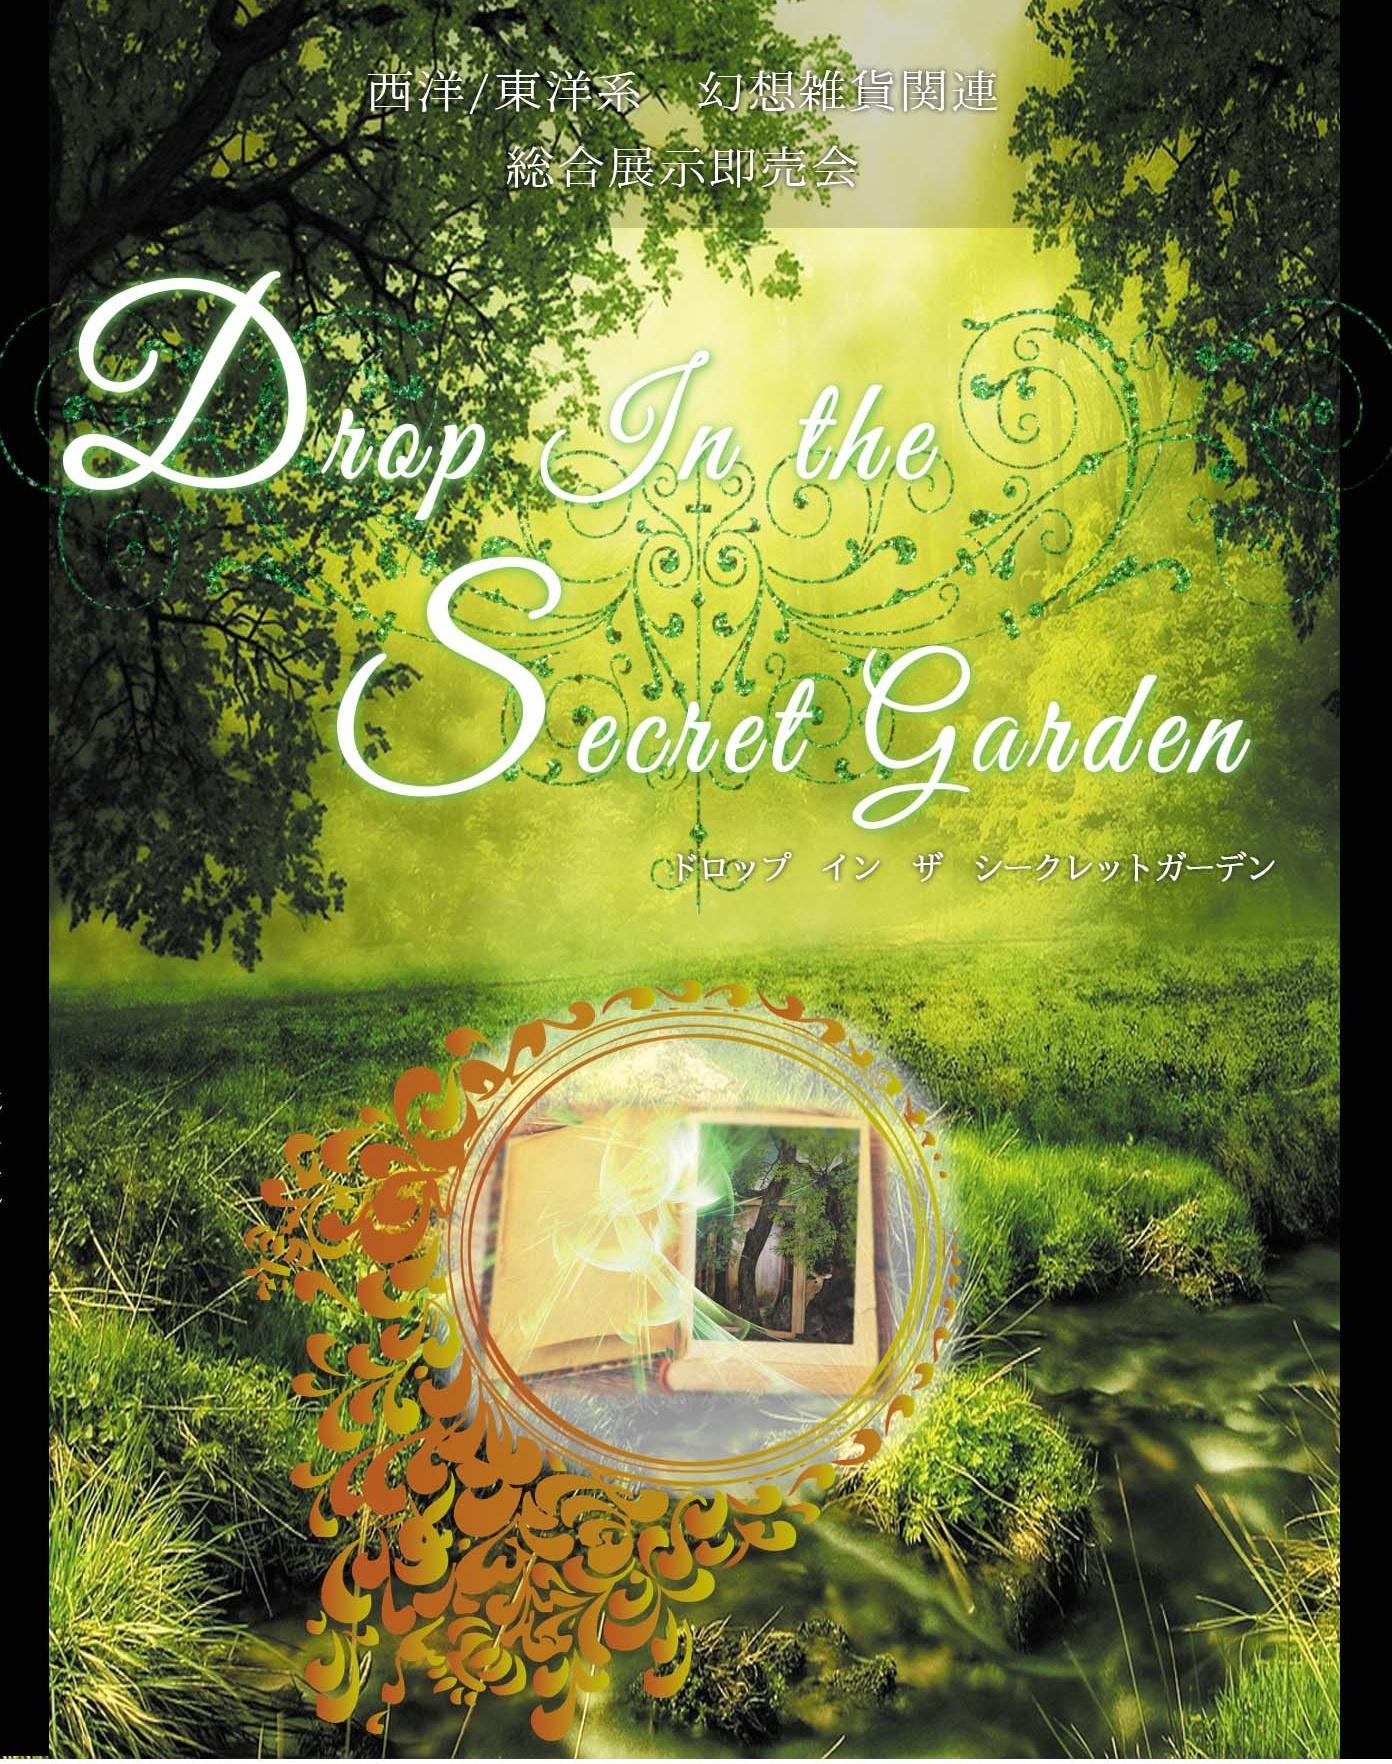 【終了】<ファンタジー部門>Drop In the Secret Garden(幻想雑貨系即売会・テスト開催)